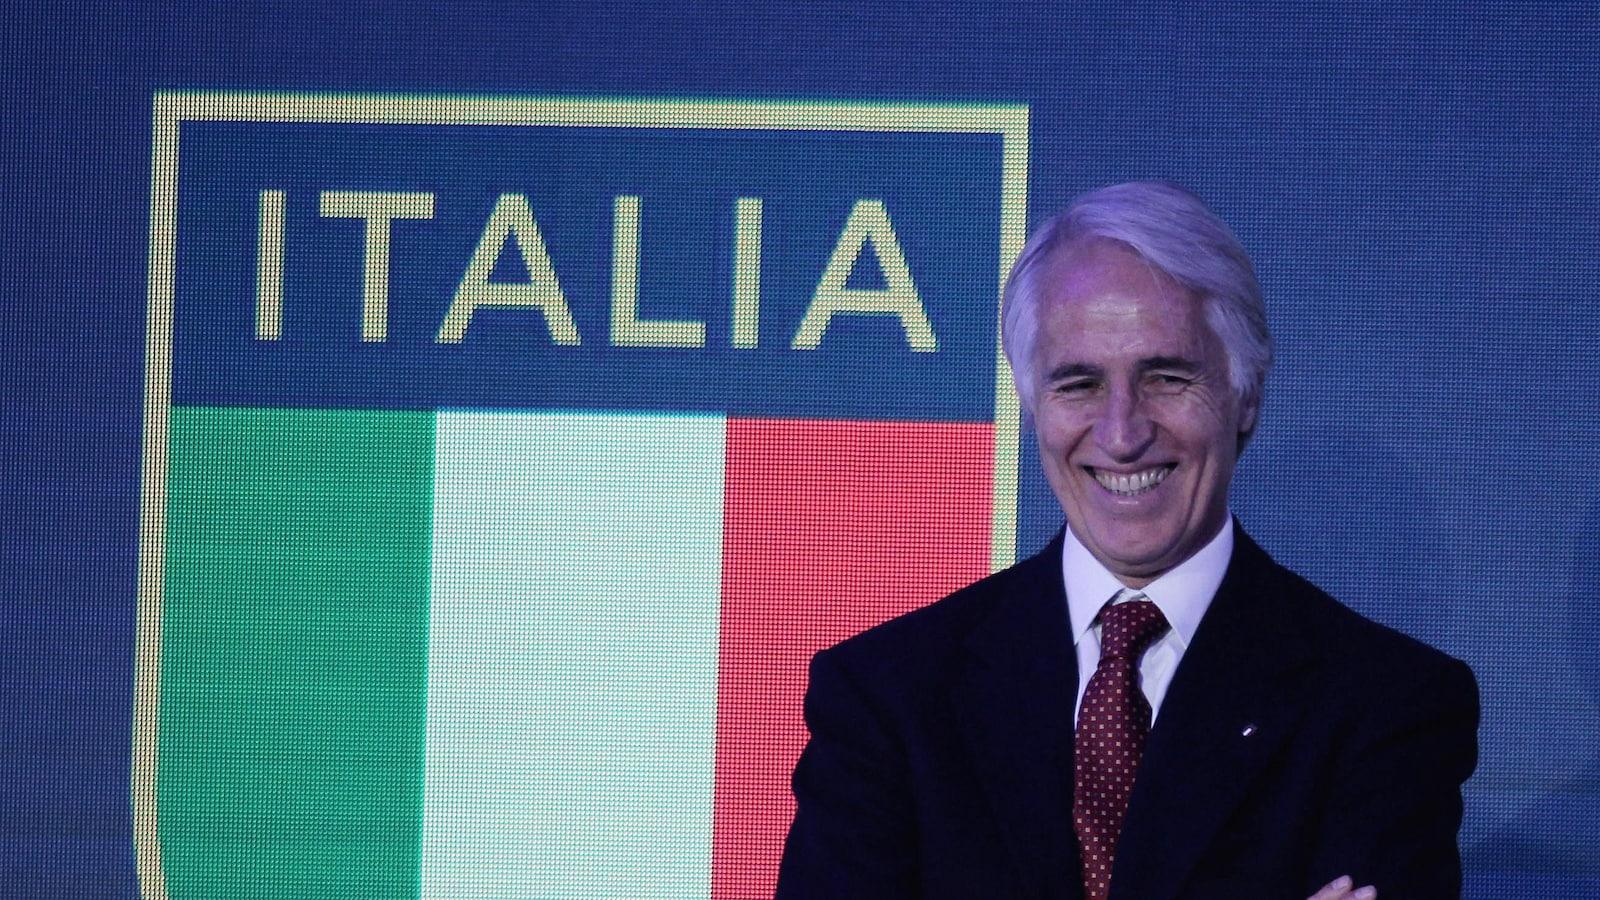 Lors d'un événement en décembre 2017, il pose devant le drapeau italien.